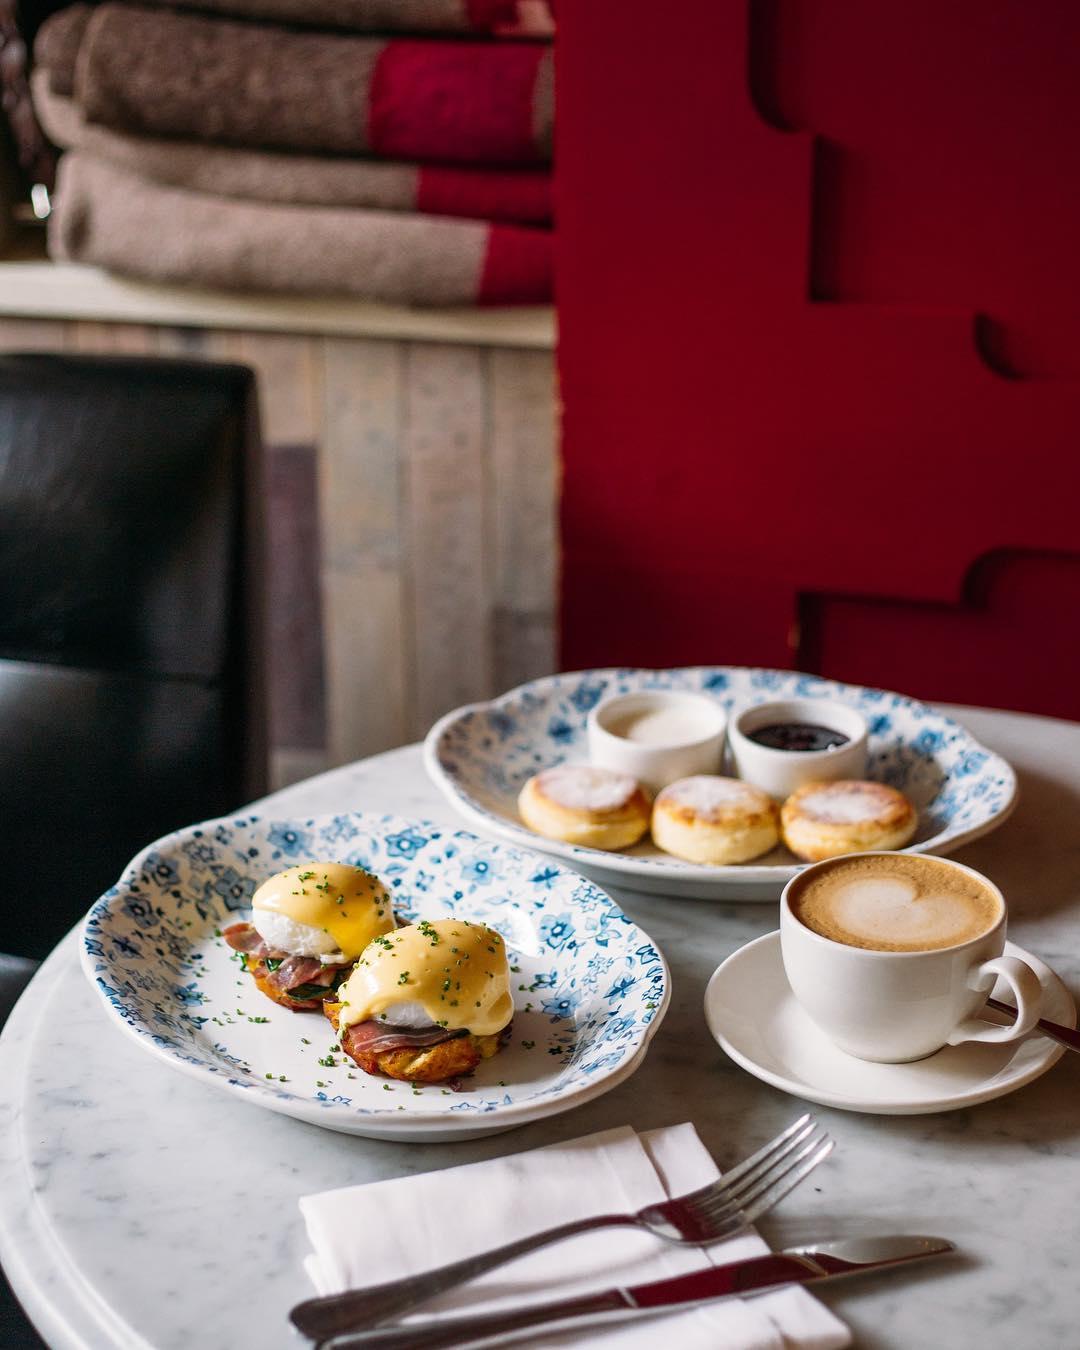 Яйца Бенедикт с ветчиной и сырники с лимонной сметаной и вареньем в ресторане Saxon + Parole